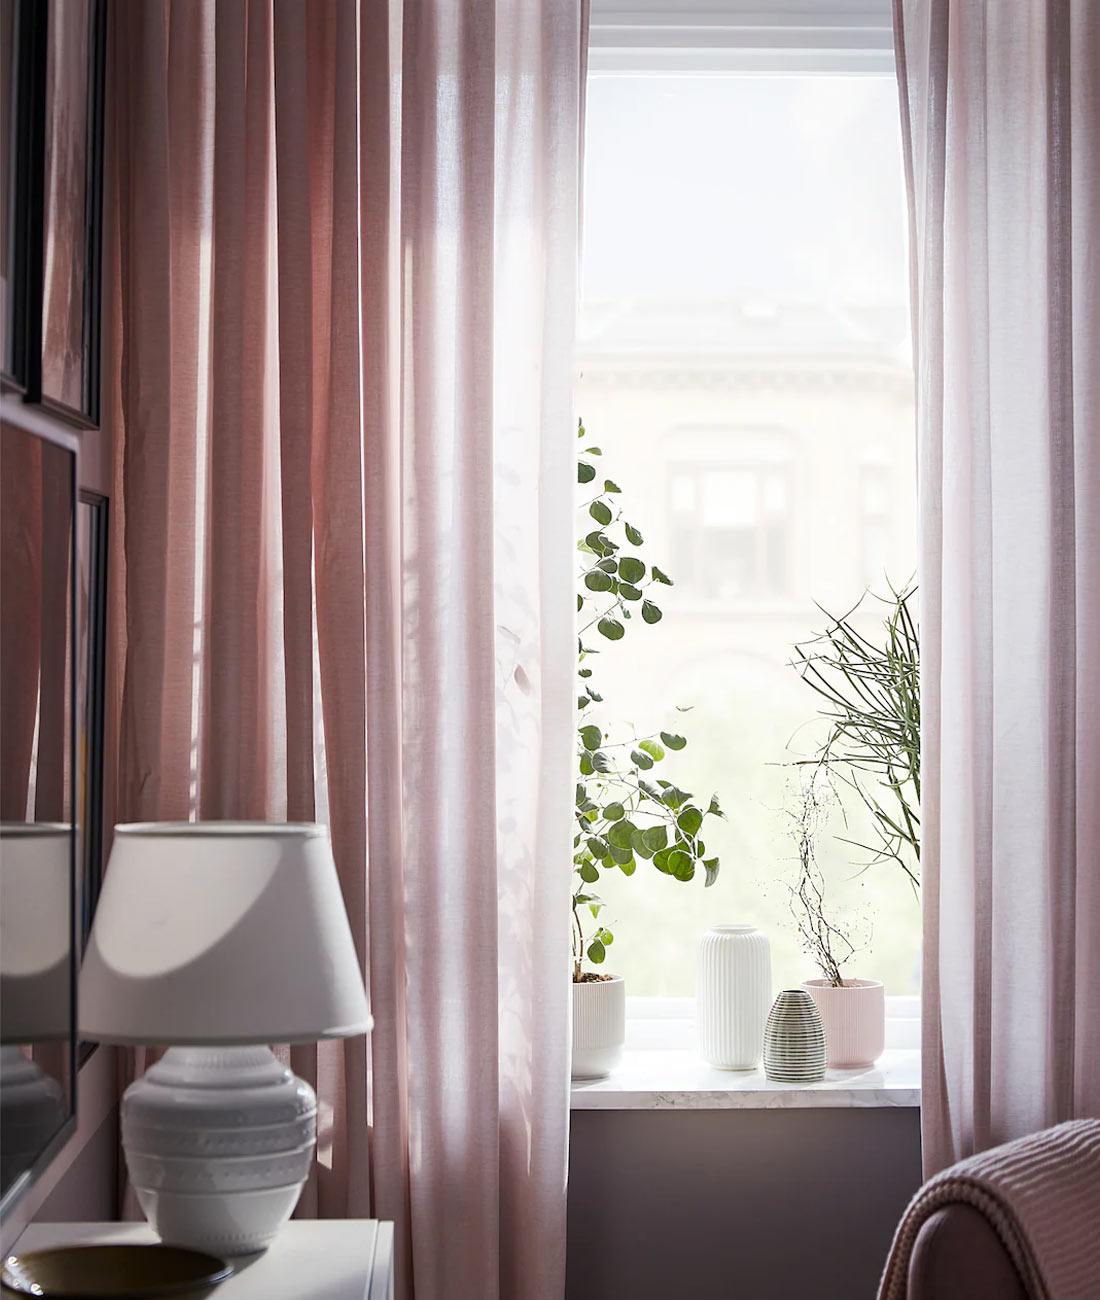 Scegliere le tende per casa tua non è facilissimo dato che ci sono moltissimi modelli e dettagli che caratterizzano le tende leroy merlin, ikea, amazon. Tende Ikea 8 Ispirazioni Per Una Primavera A Colori Ispiratevi